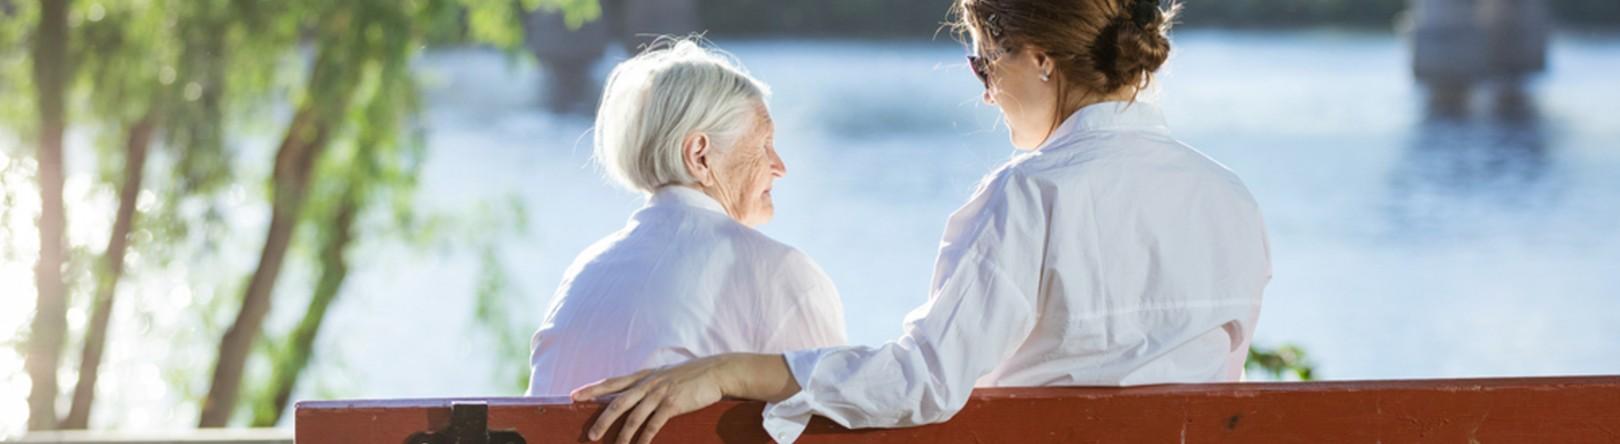 Guide till dating en äldre kvinna